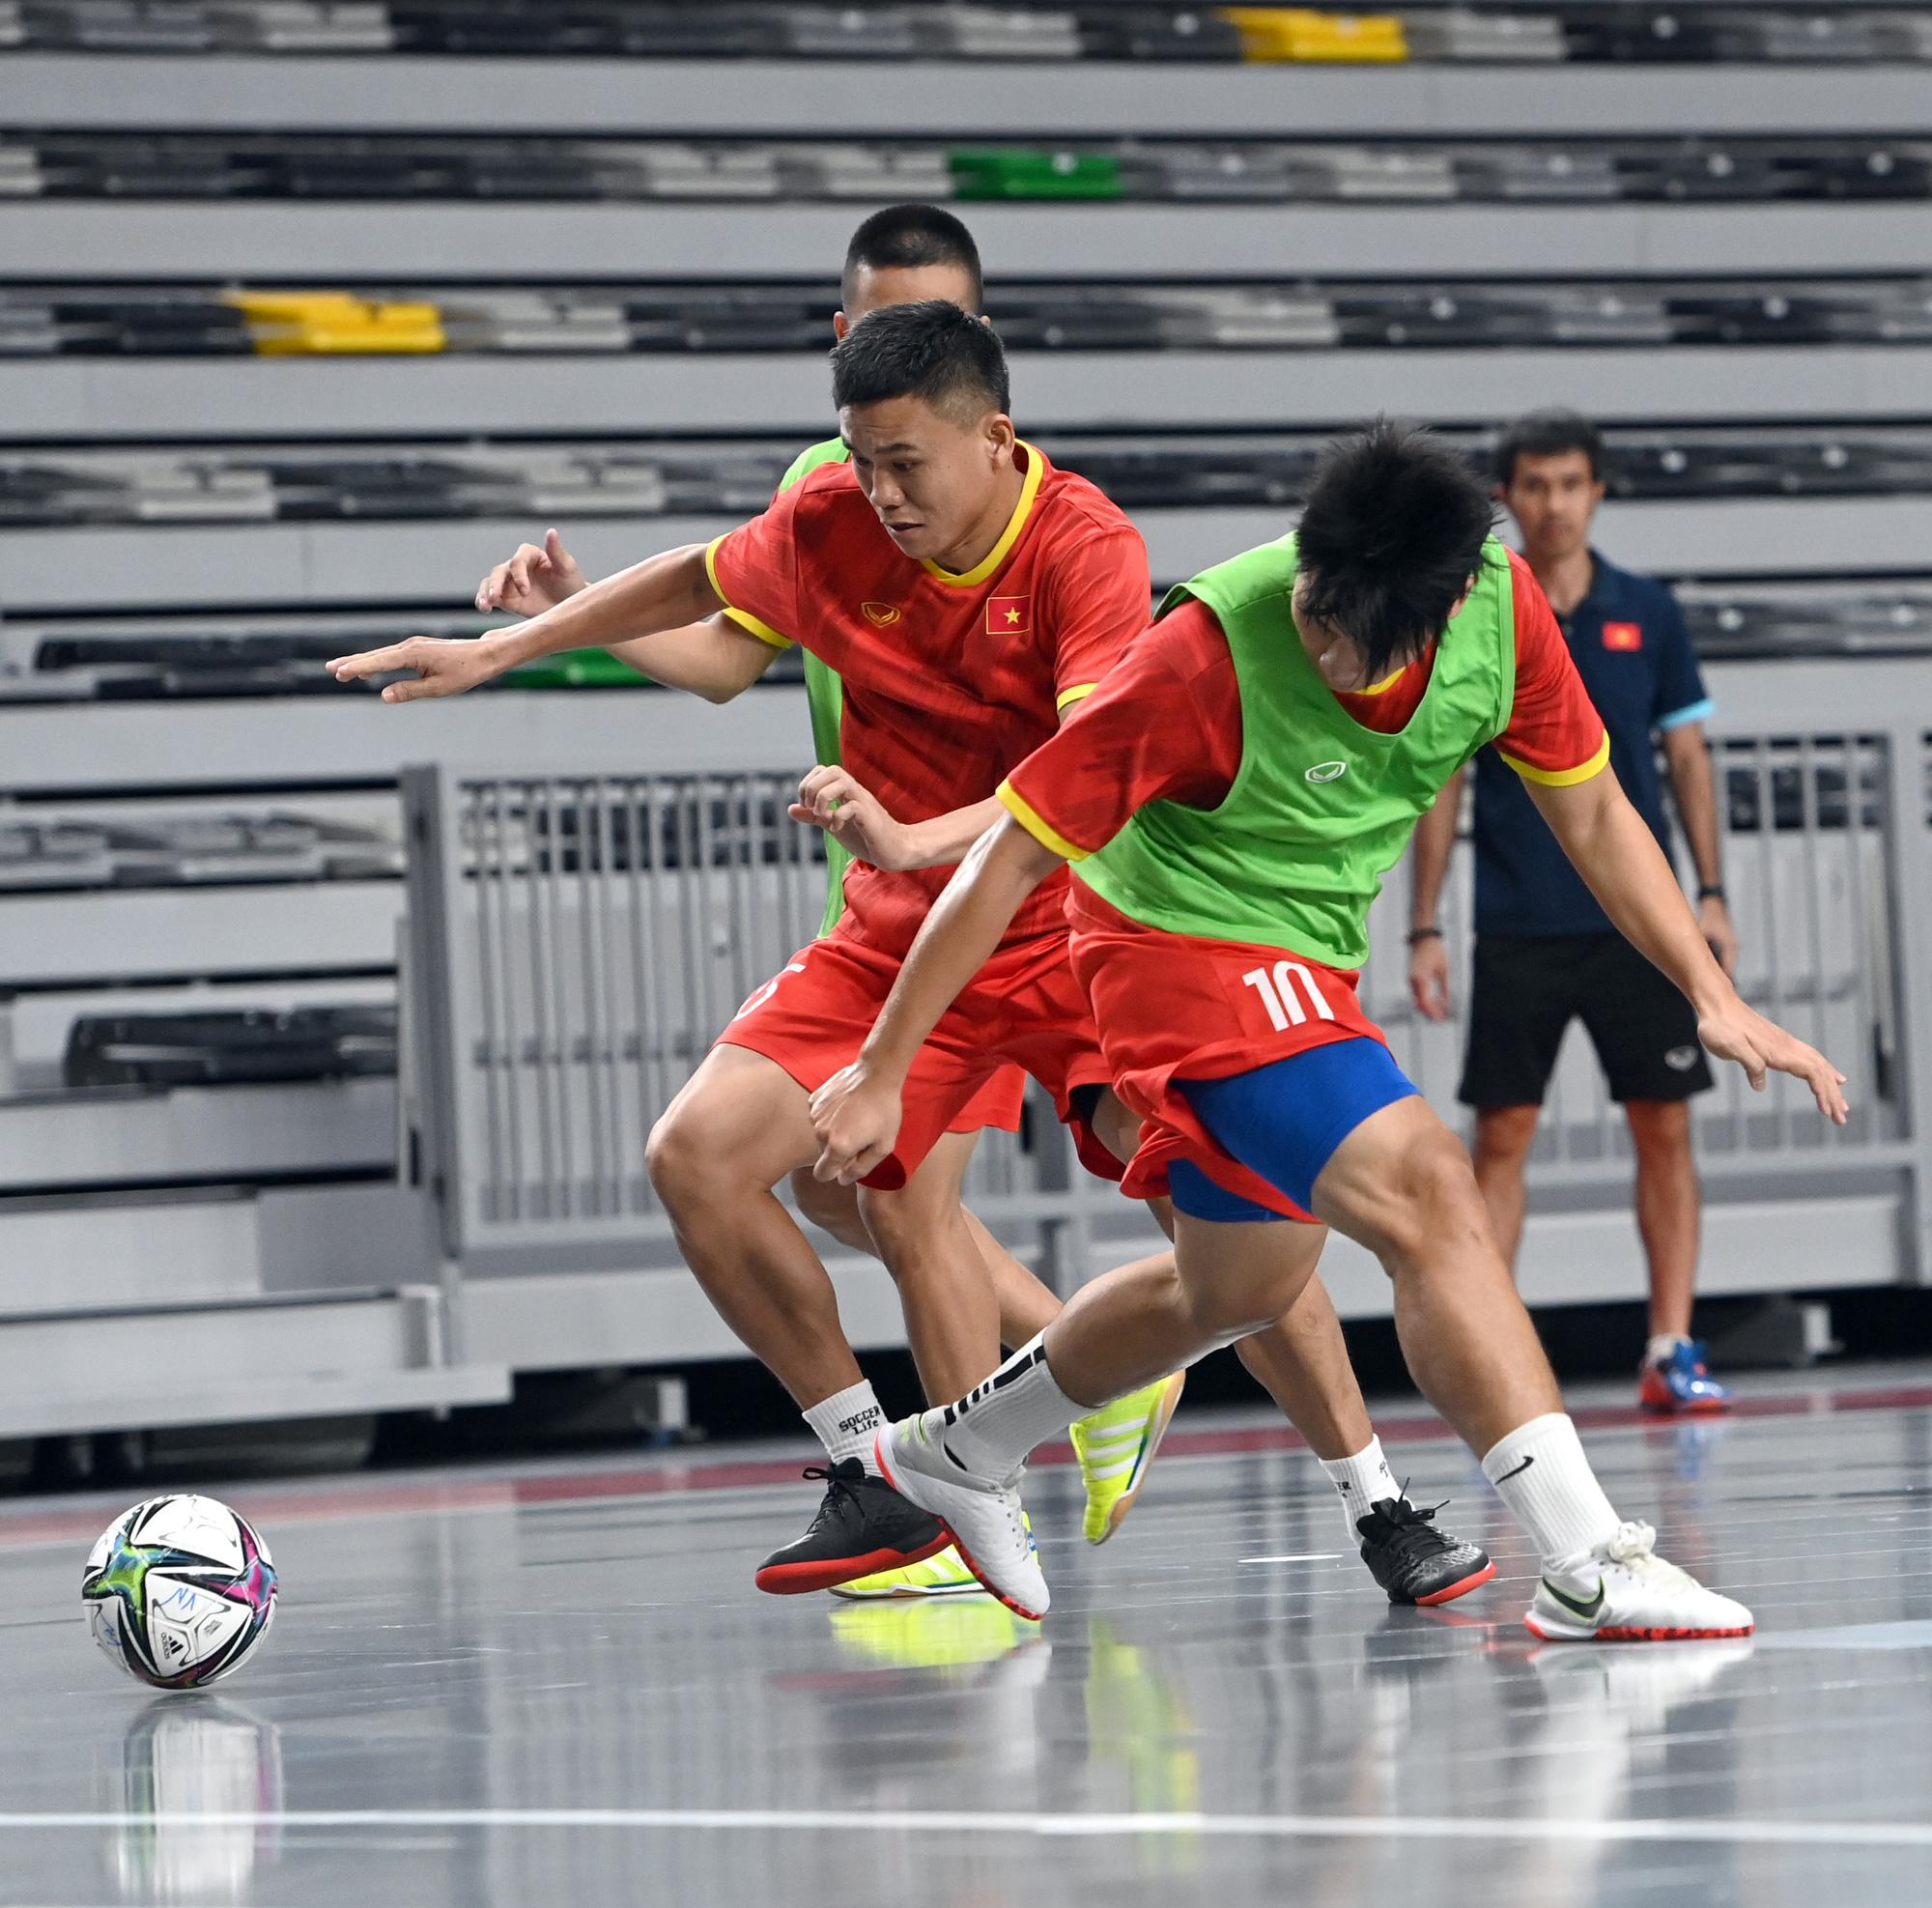 Đội tuyển futsal Việt Nam trong buổi tập đầu tiên tại Tây Ban Nha - Ảnh 7.